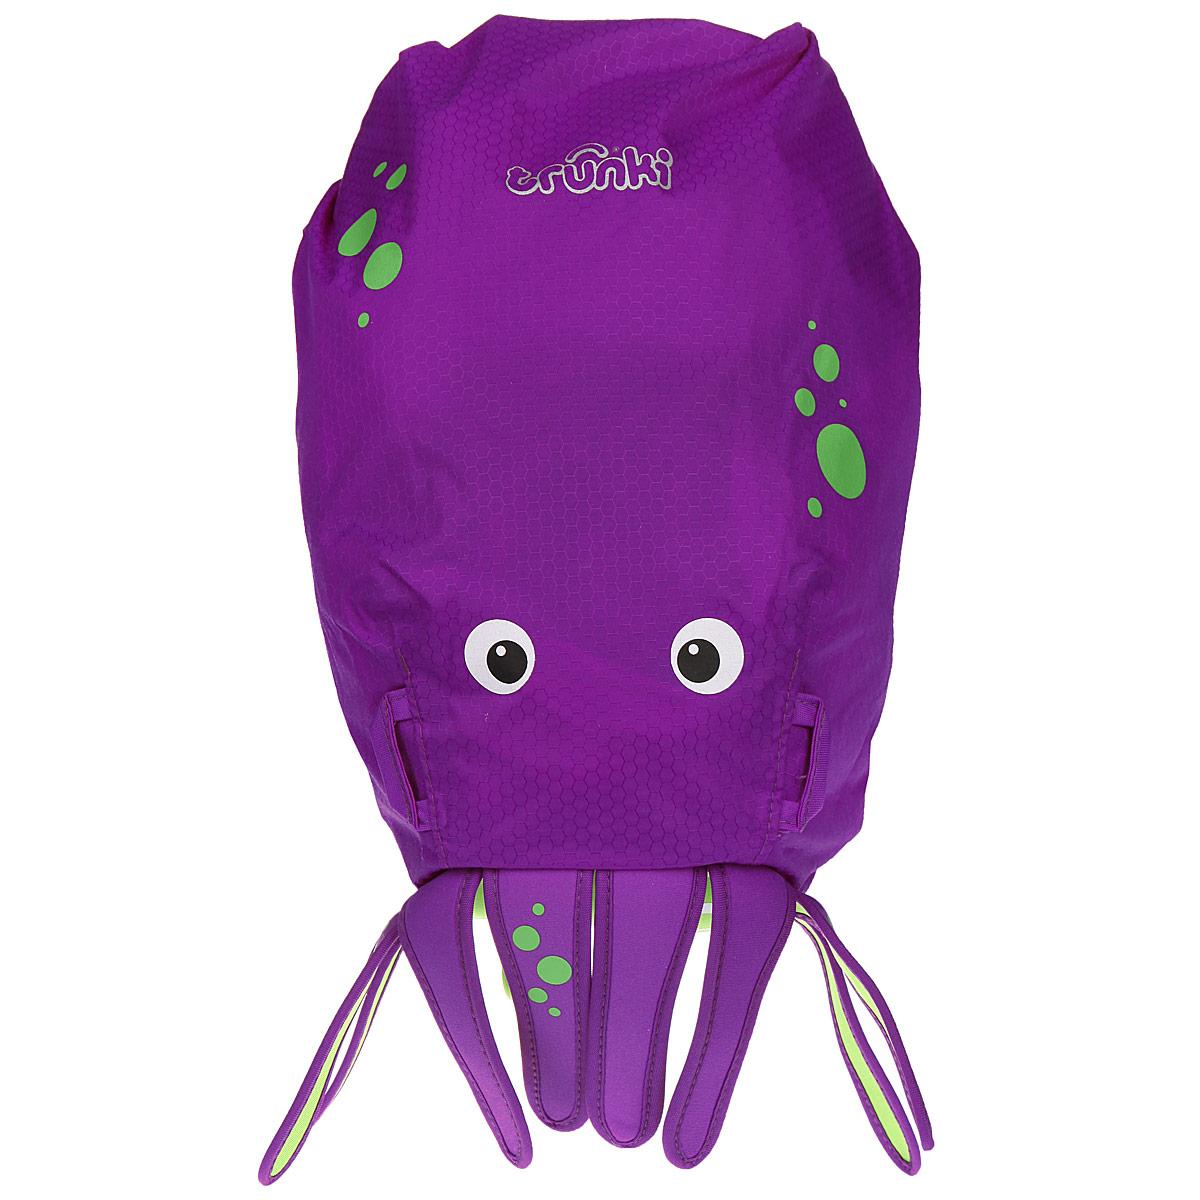 Детский рюкзак для бассейна и пляжа Trunki Осьминог, цвет: фиолетовый, салатовый, 7,5 л детский рюкзак для бассейна и пляжа trunki осьминог цвет фиолетовый салатовый 7 5 л